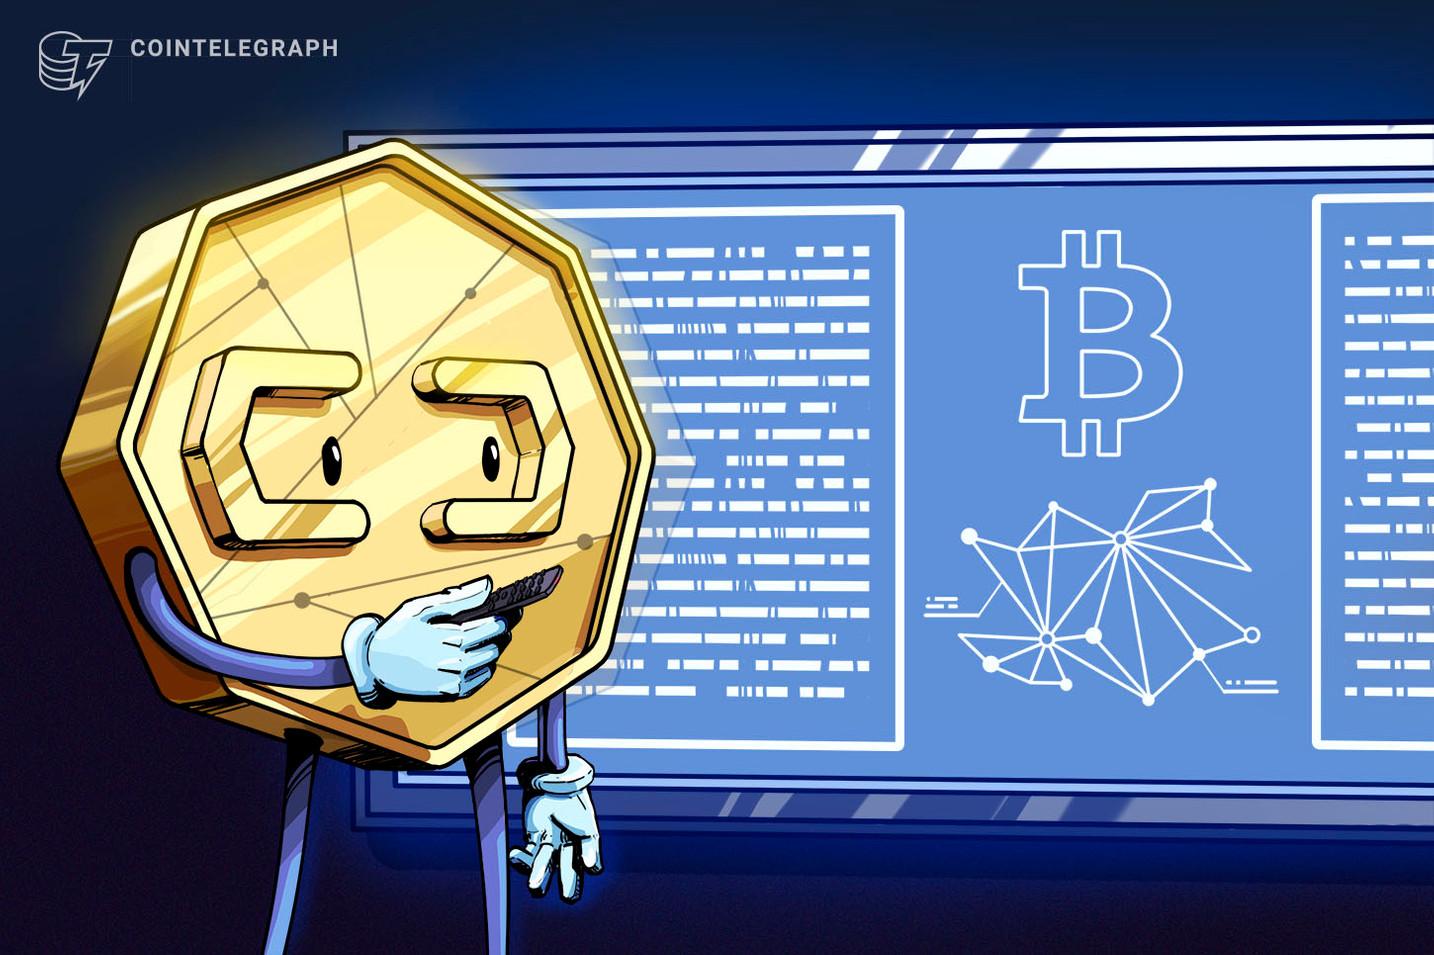 Bitcoin Fiyatı 7.100 Doların Üzerine Tutunmaya Çalışıyor